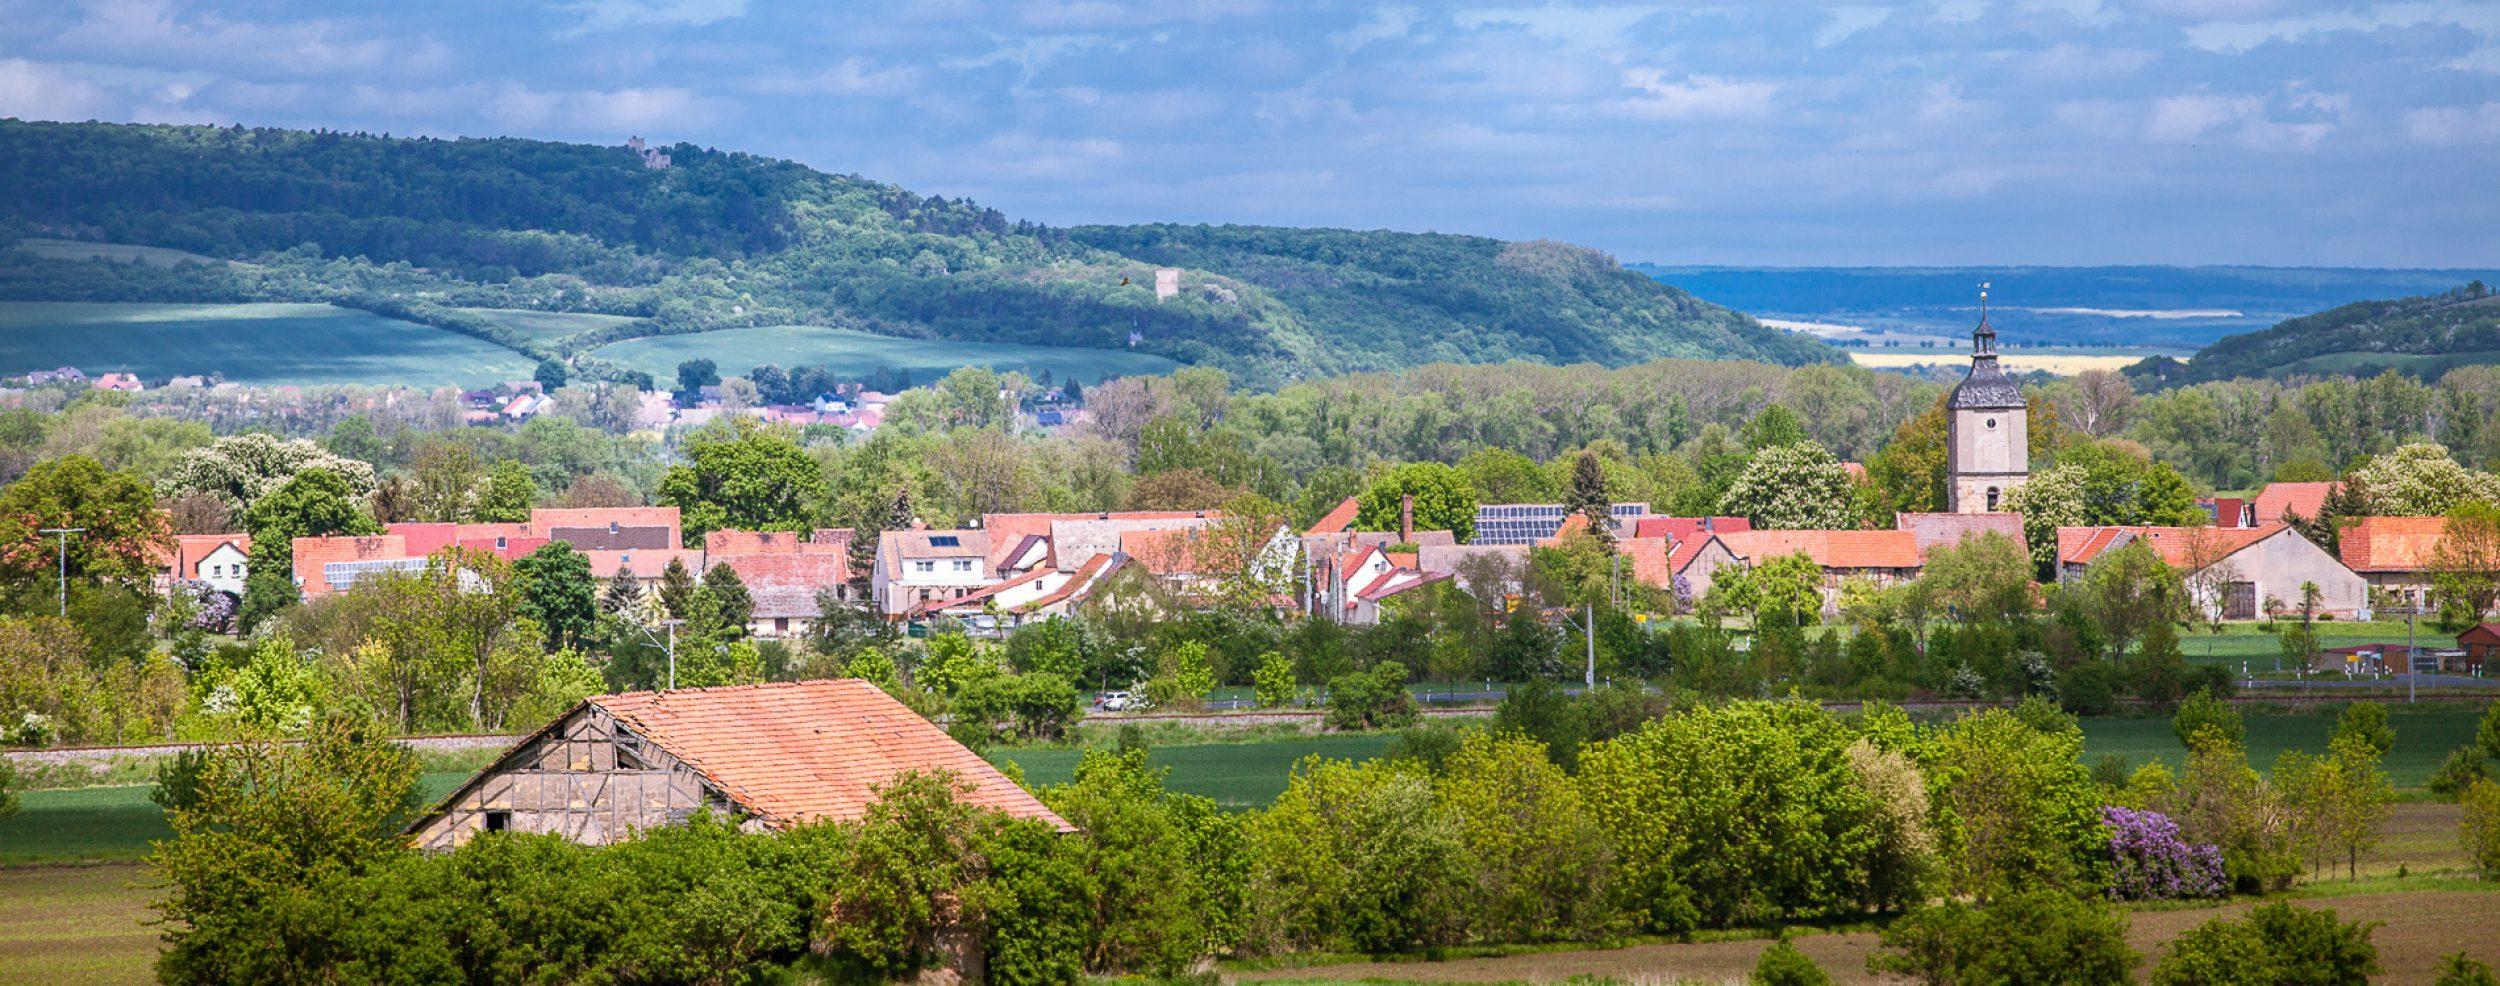 Gemeinde Büchel